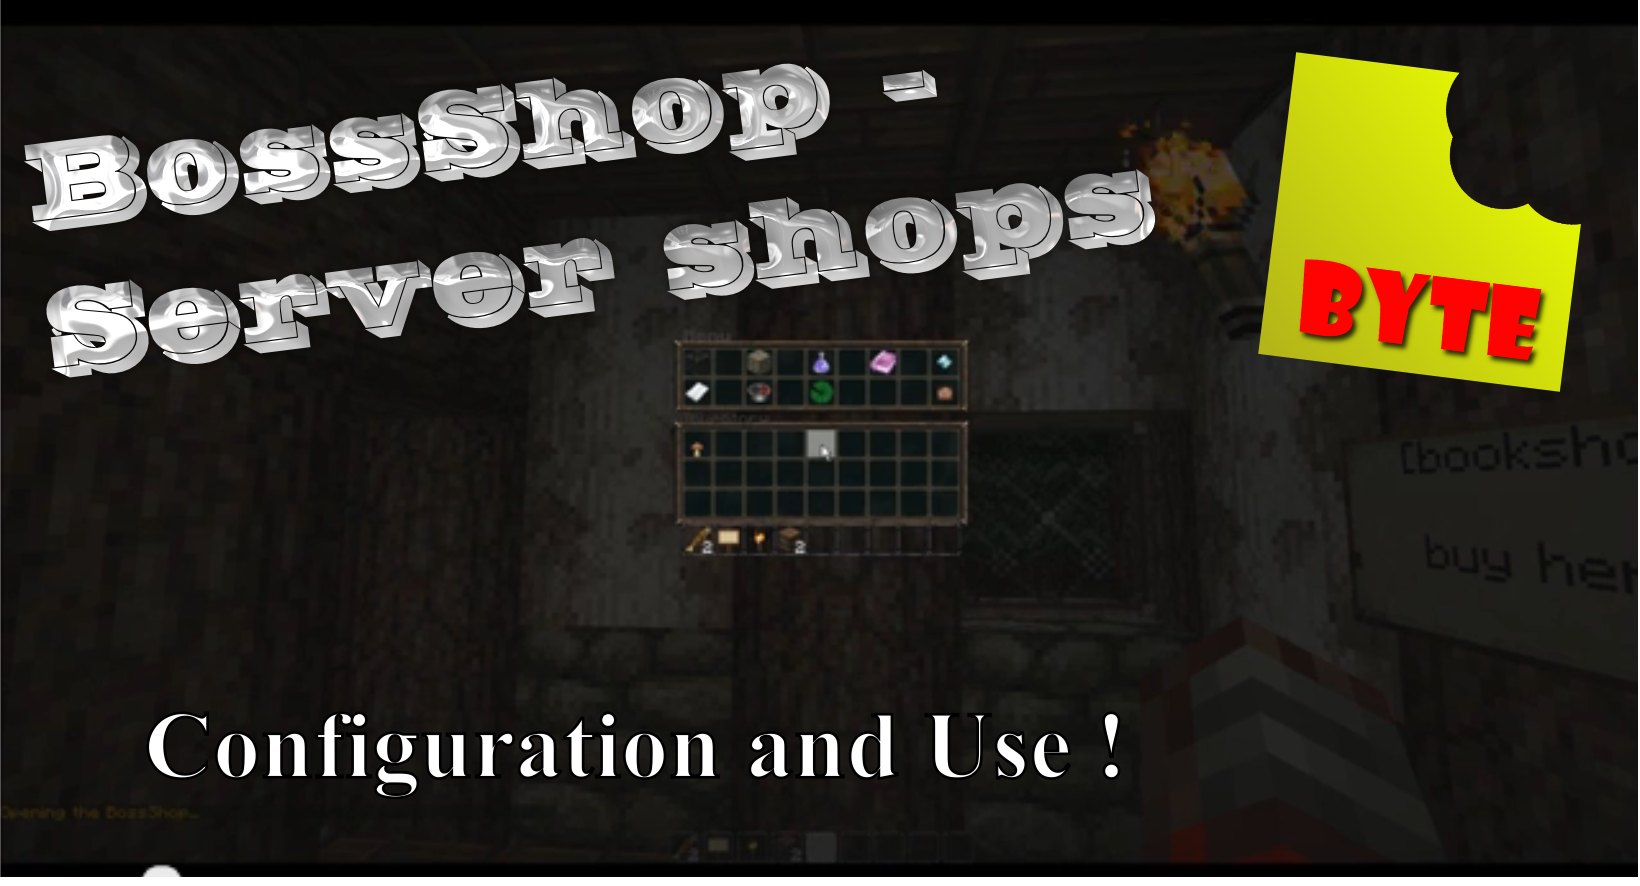 BossShop Server shops